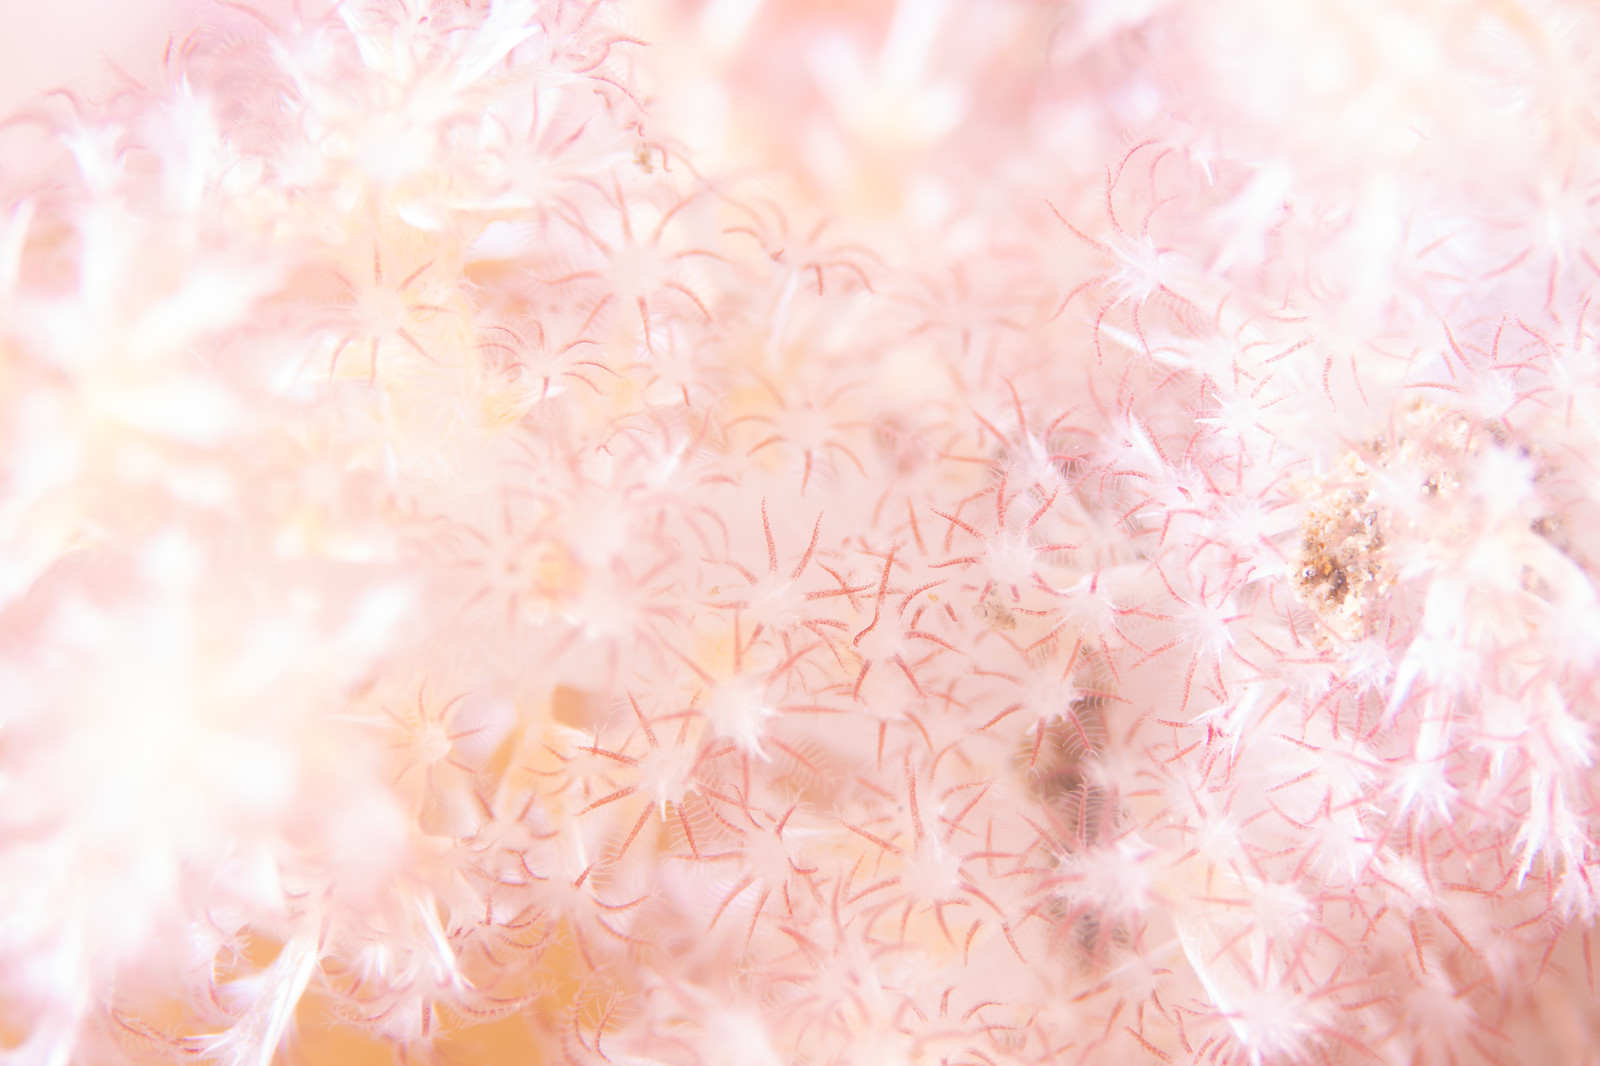 「ポリプを広げるトゲトサカ」の写真